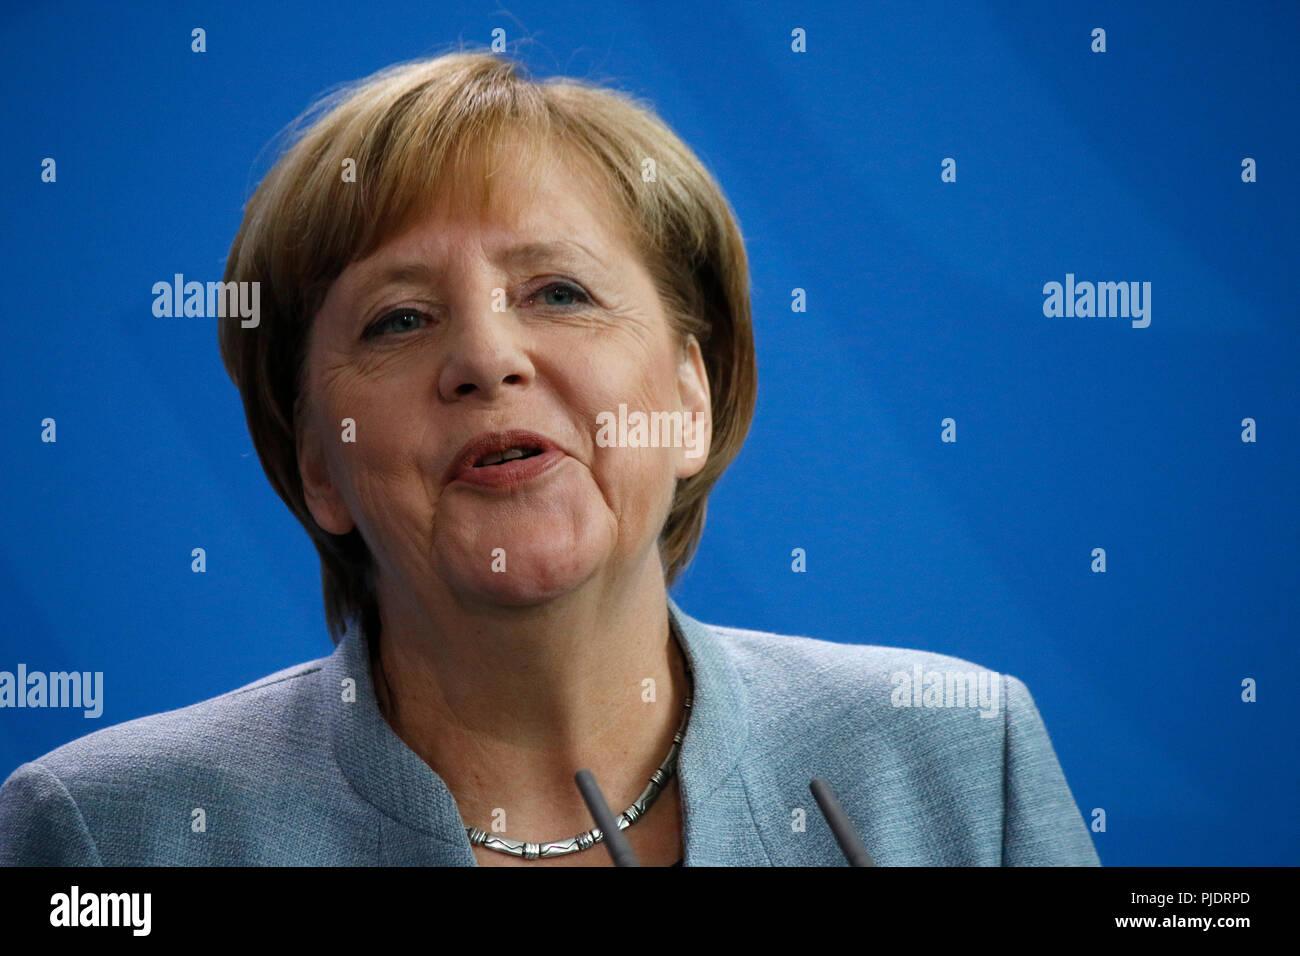 BKin Angela Merkel - Treffen der dt. Bundeskanzlerin mit dem franzoesischen Premierminister, Bundeskanzleramt, 15. September 2017, Berlin. - Stock Image